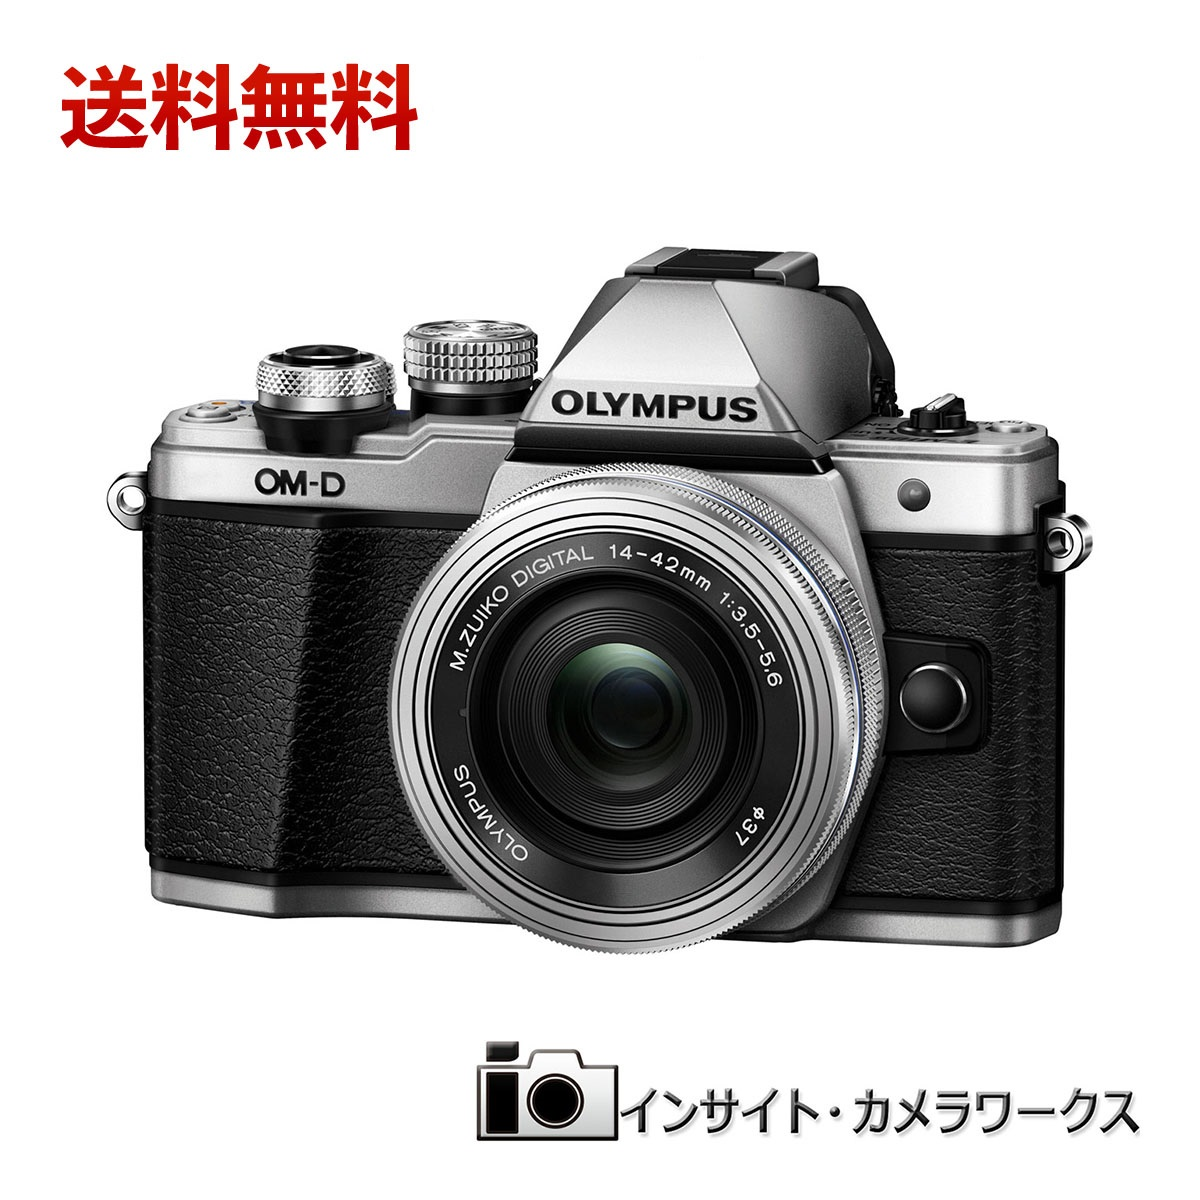 【特別価格】OLYMPUS ミラーレス一眼 OM-D E-M10 MarkII 14-42mm EZレンズキット シルバー オリンパス